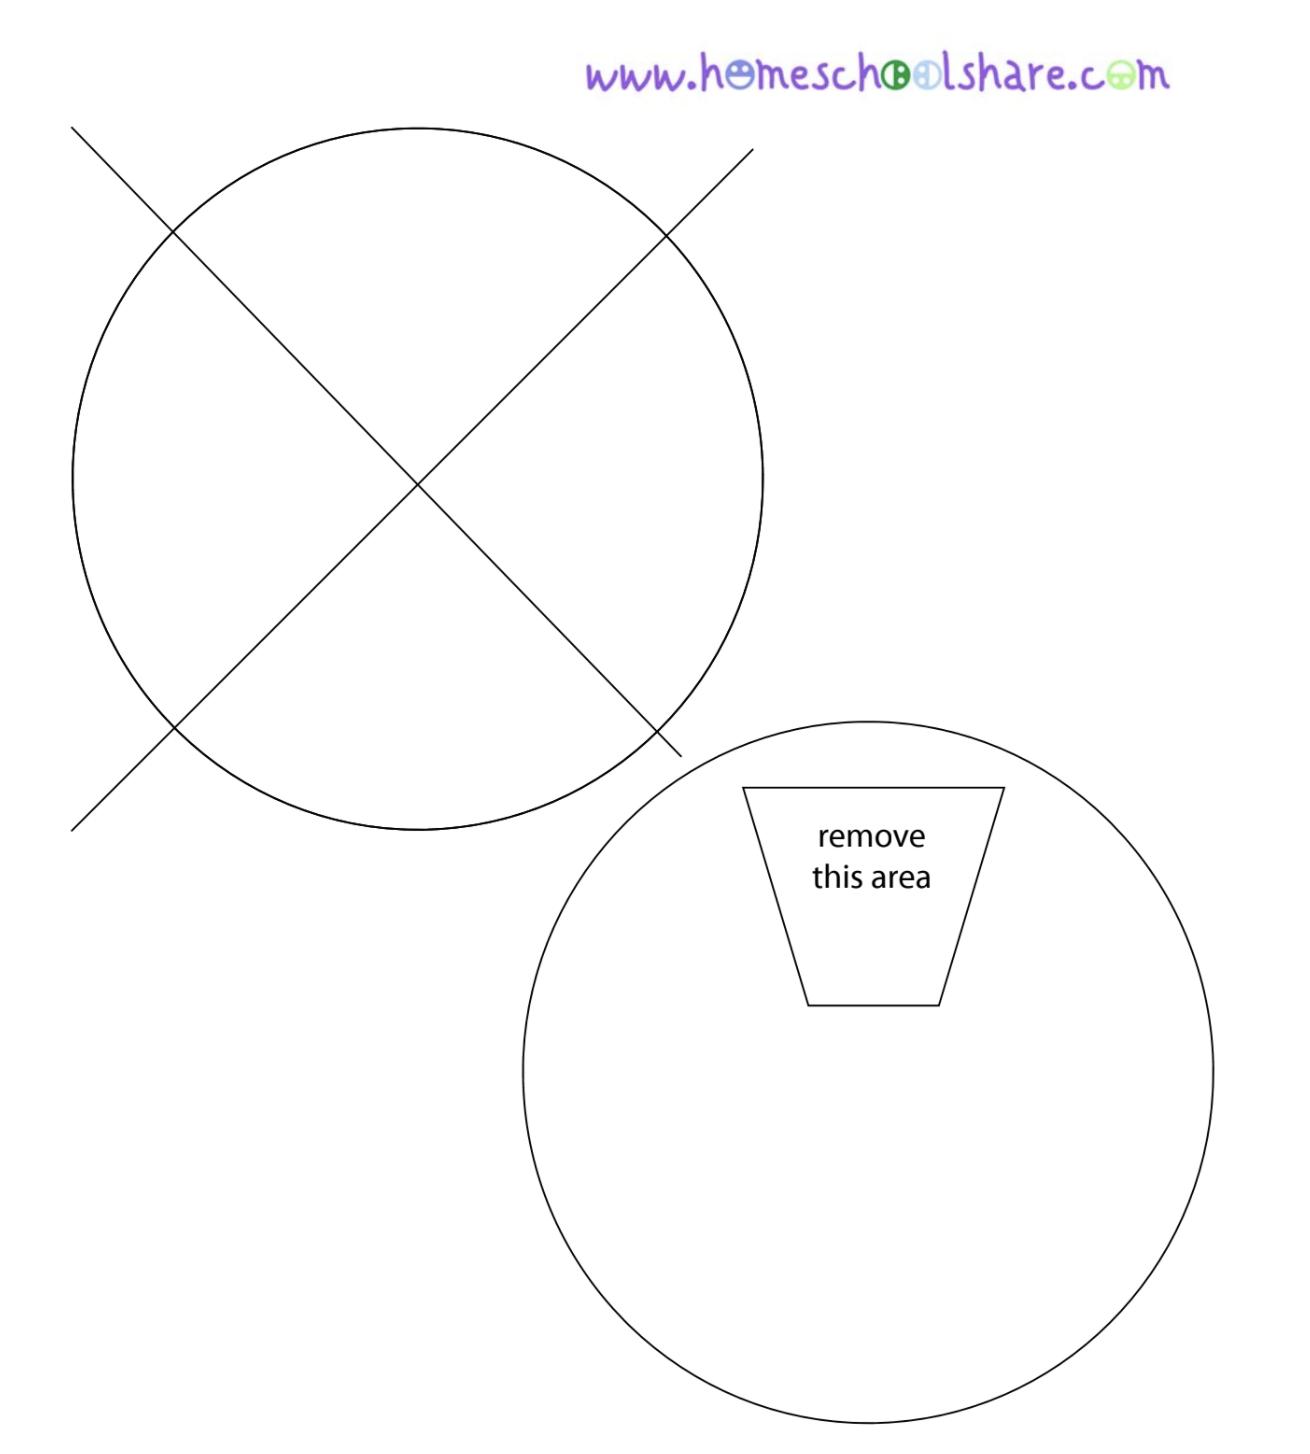 METODOLOGÍA LAPBOOK | Capítulo 2: Plantillas y materiales ~ La Eduteca